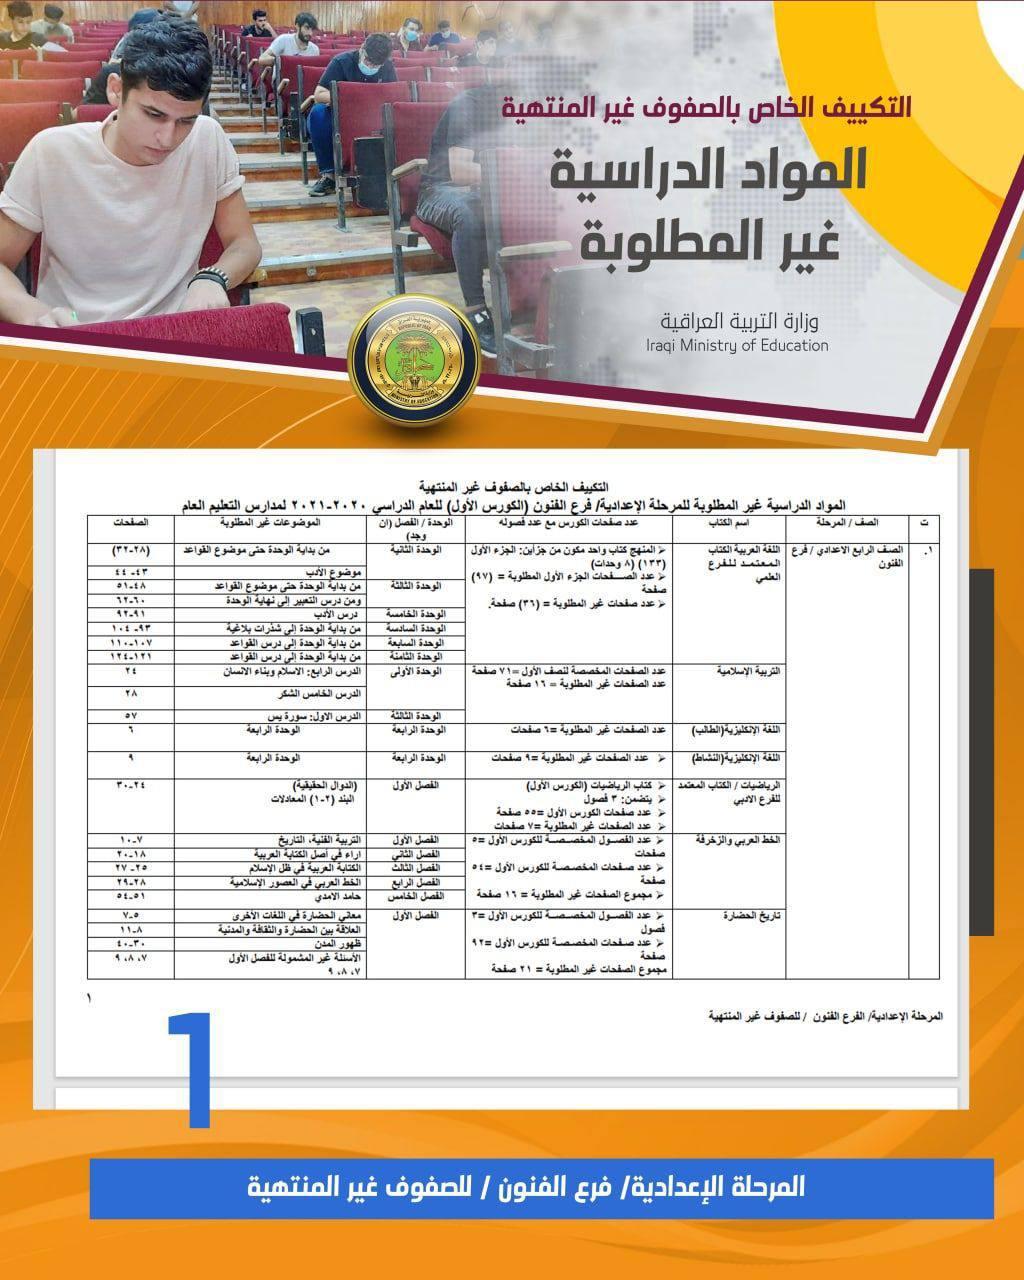 وزارة التربية تنشر تكييف منهاج الصفوف غير المنتهية / المراحل الاعدادية (فرع الفنون)